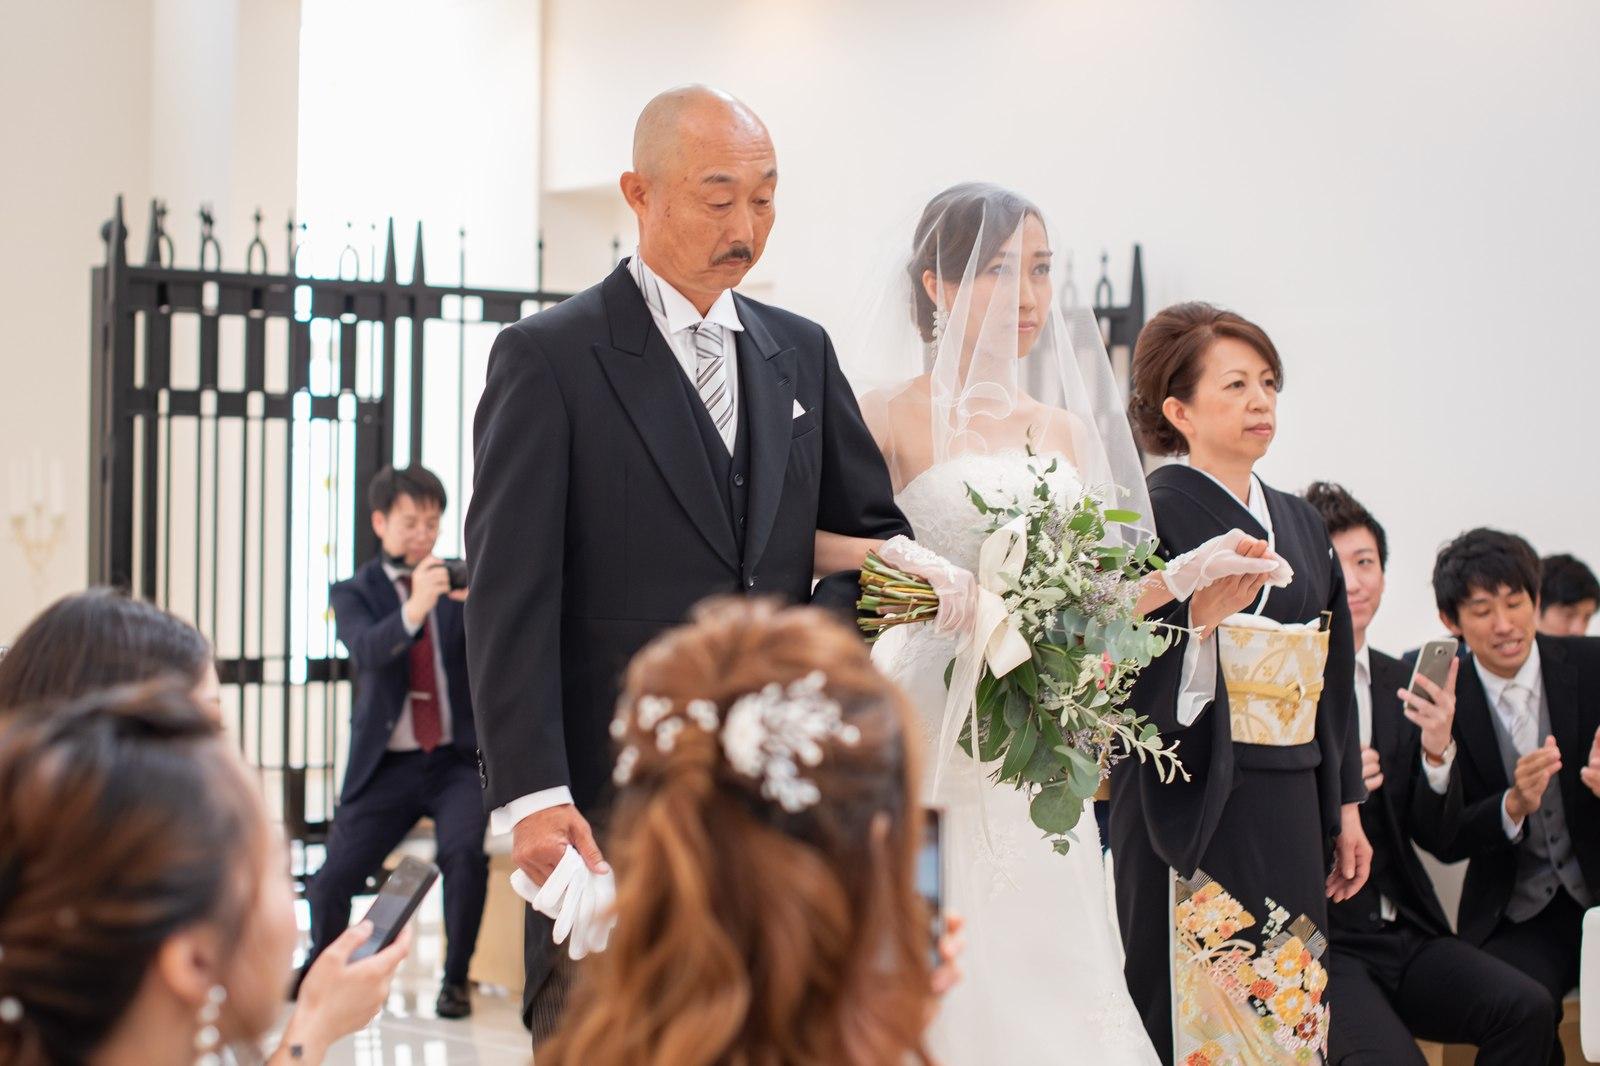 徳島市の結婚式場ブランアンジュで両親にエスコートされながらチャペル入場する新婦